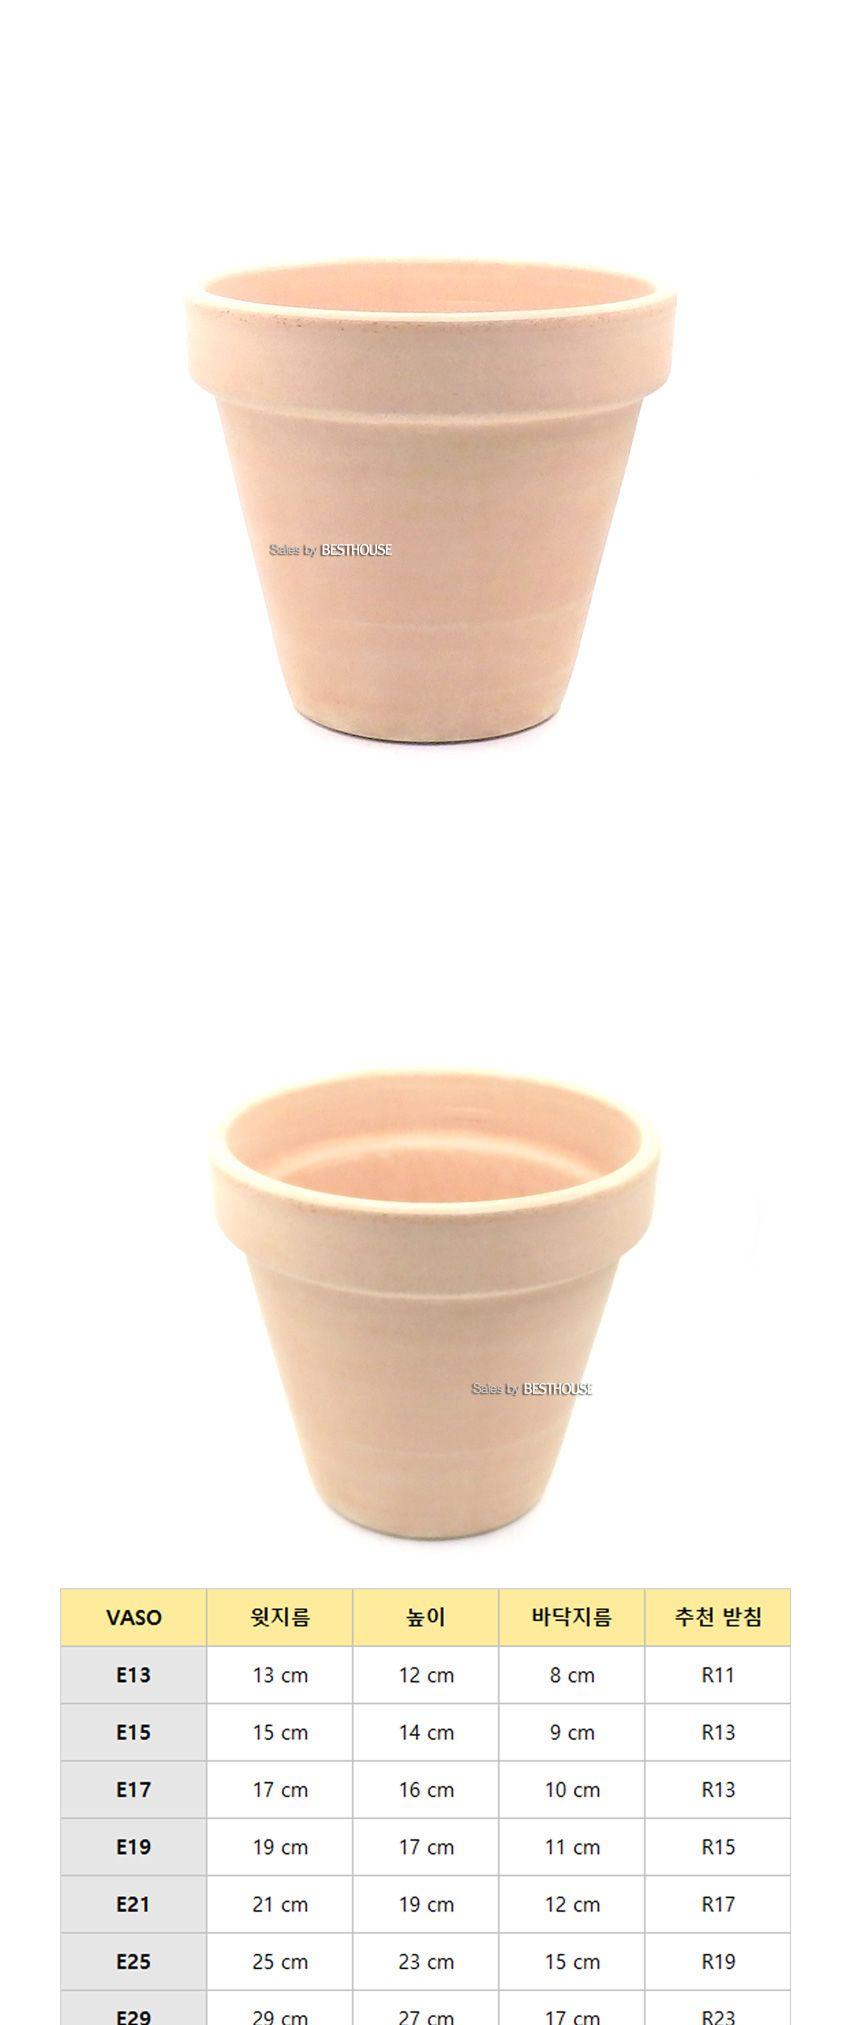 이탈리아 토분.기본형 바소 아레나 R25 25x23cm 화분 화분선물 예쁜화분 심플한화분 감성화분 심플화분